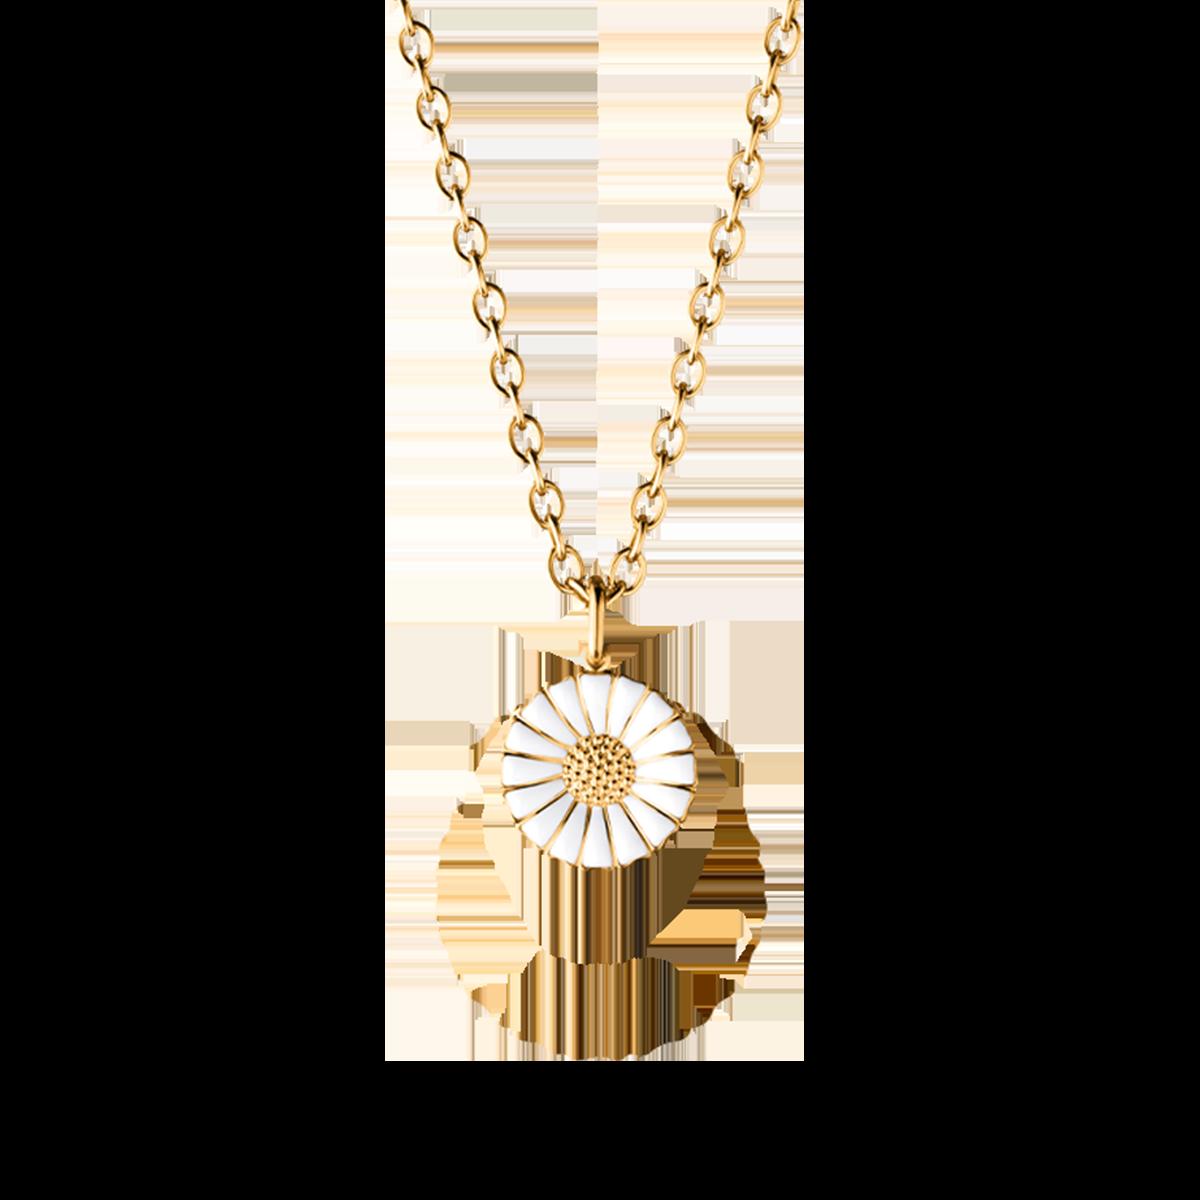 Mali Gold-plated pendant